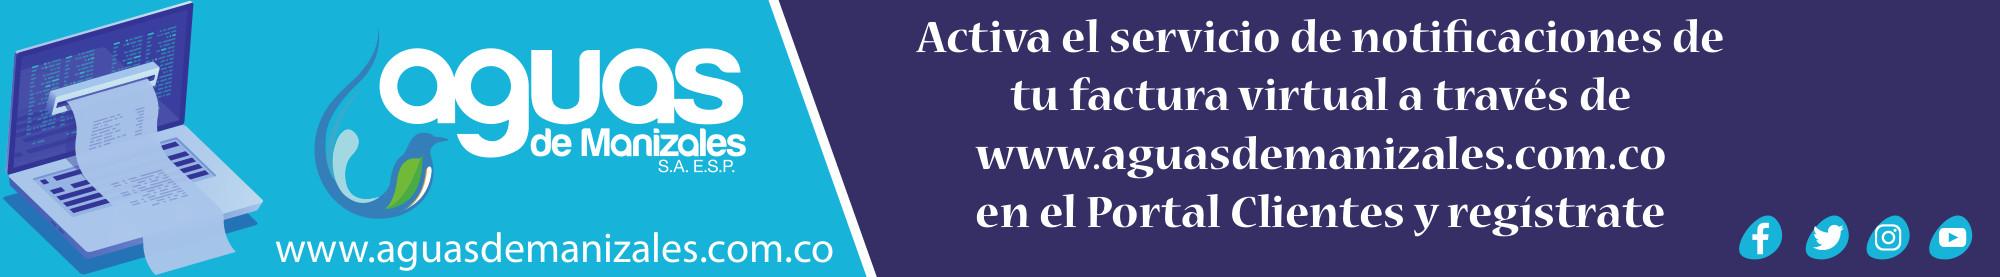 Aguas de Manizales. Banner julio de 2019.